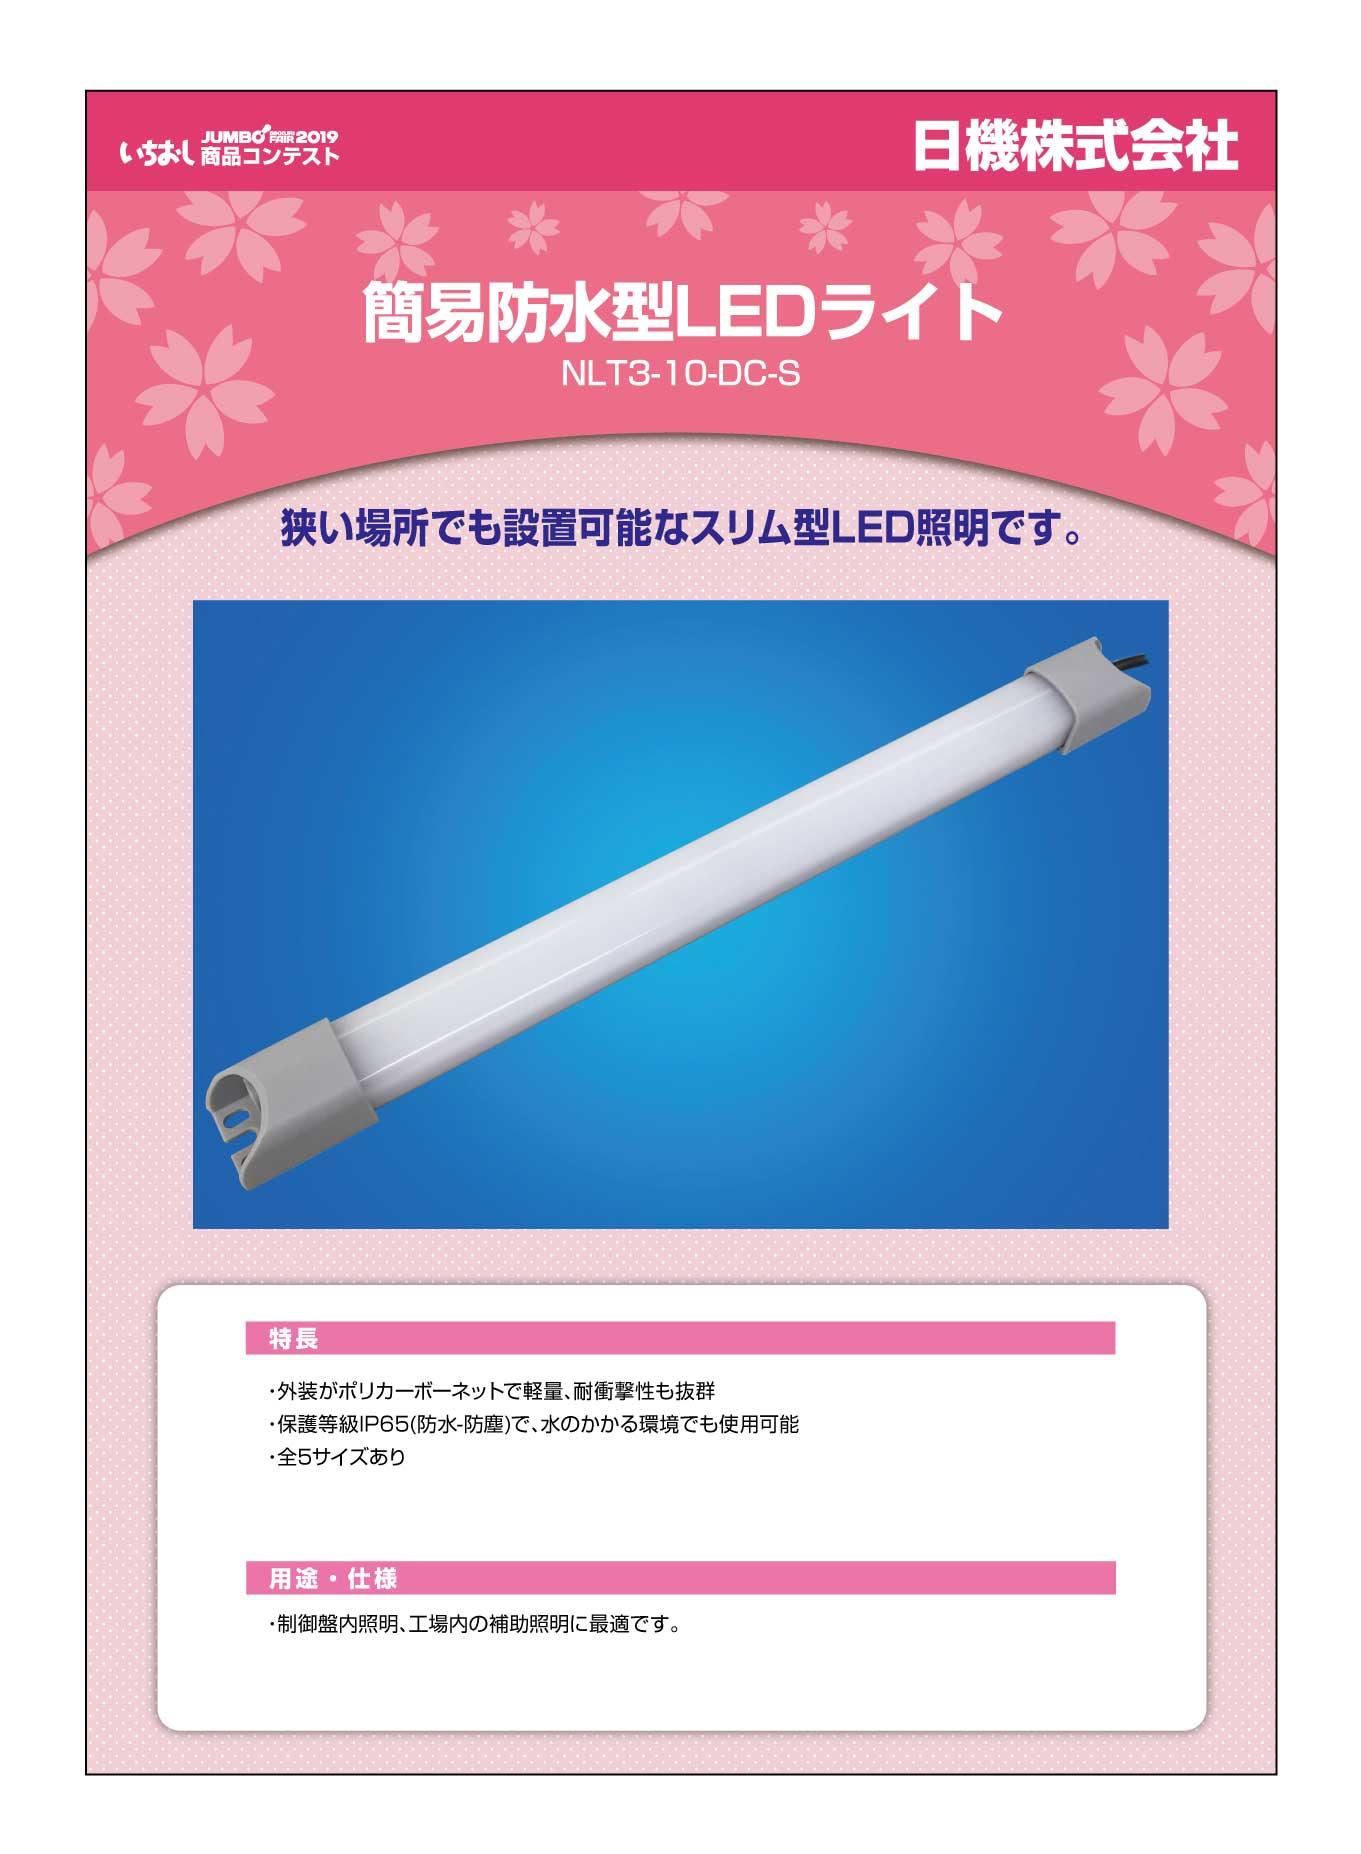 「簡易防水型LEDライト」日機株式会社の画像